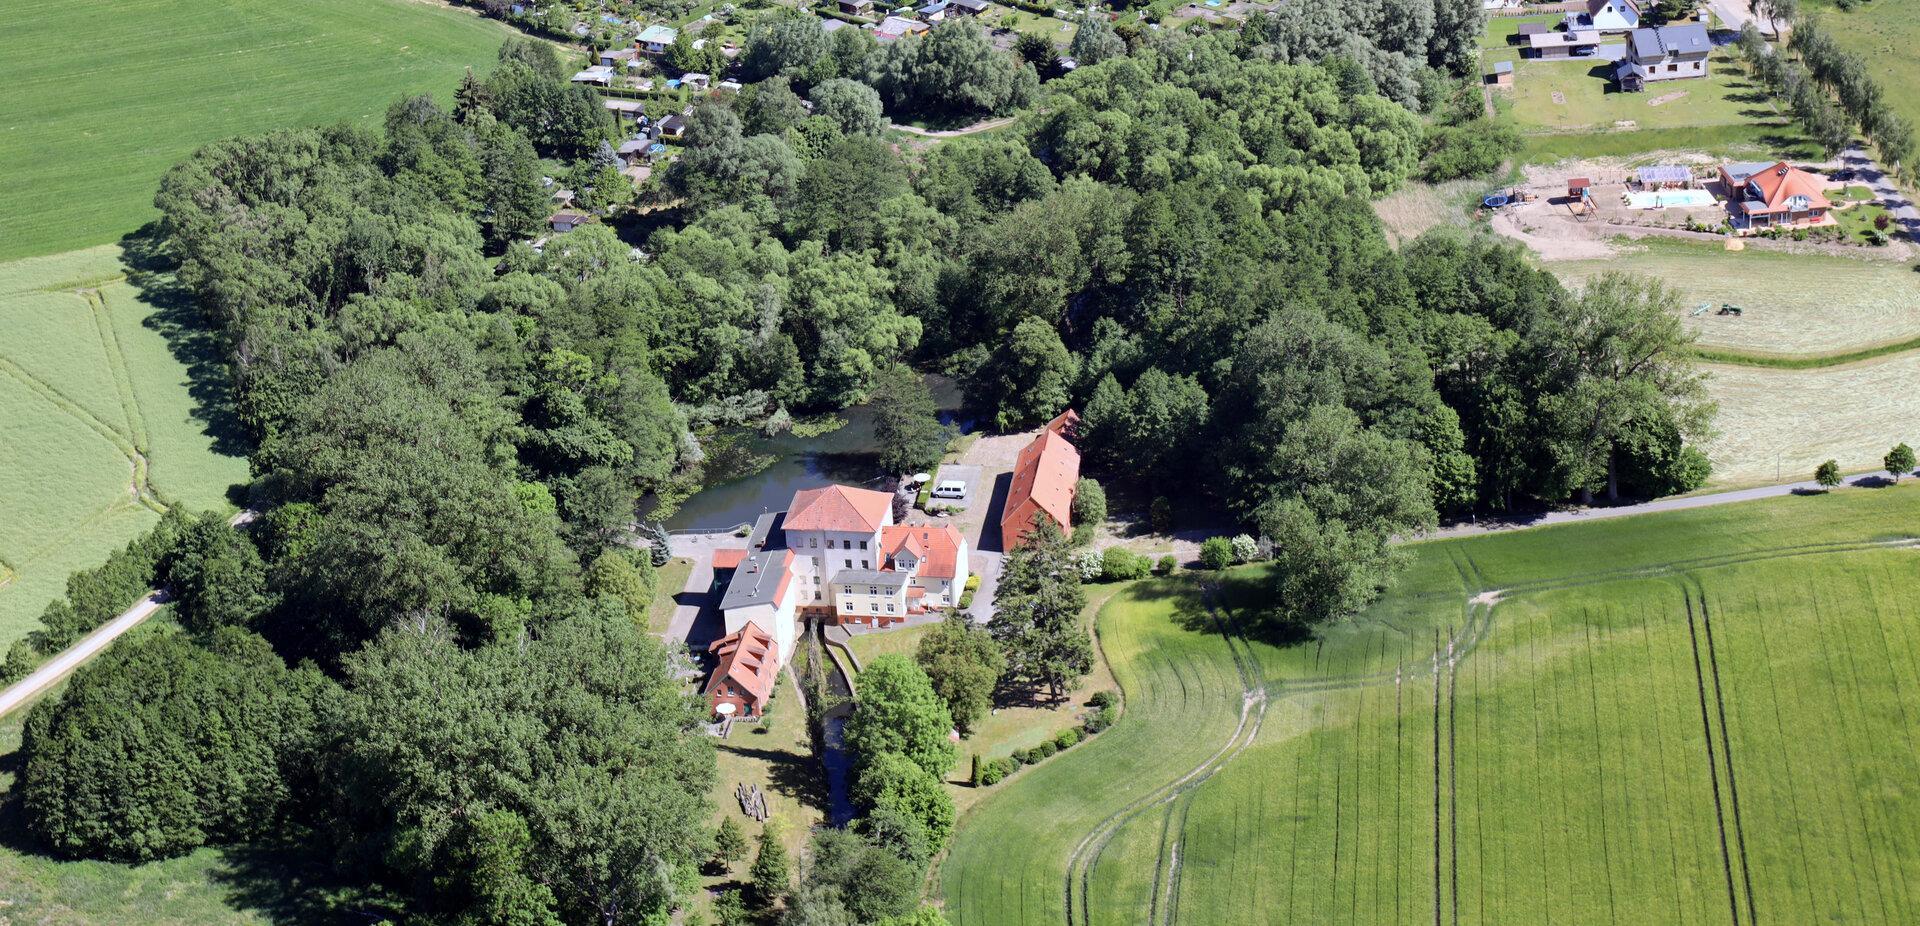 Luftbild der Kathfelder Mühle, die heute ein beliebtes Ausflugsziel nicht nur bei Pritzwalkern ist. Foto: Lars Schladitz